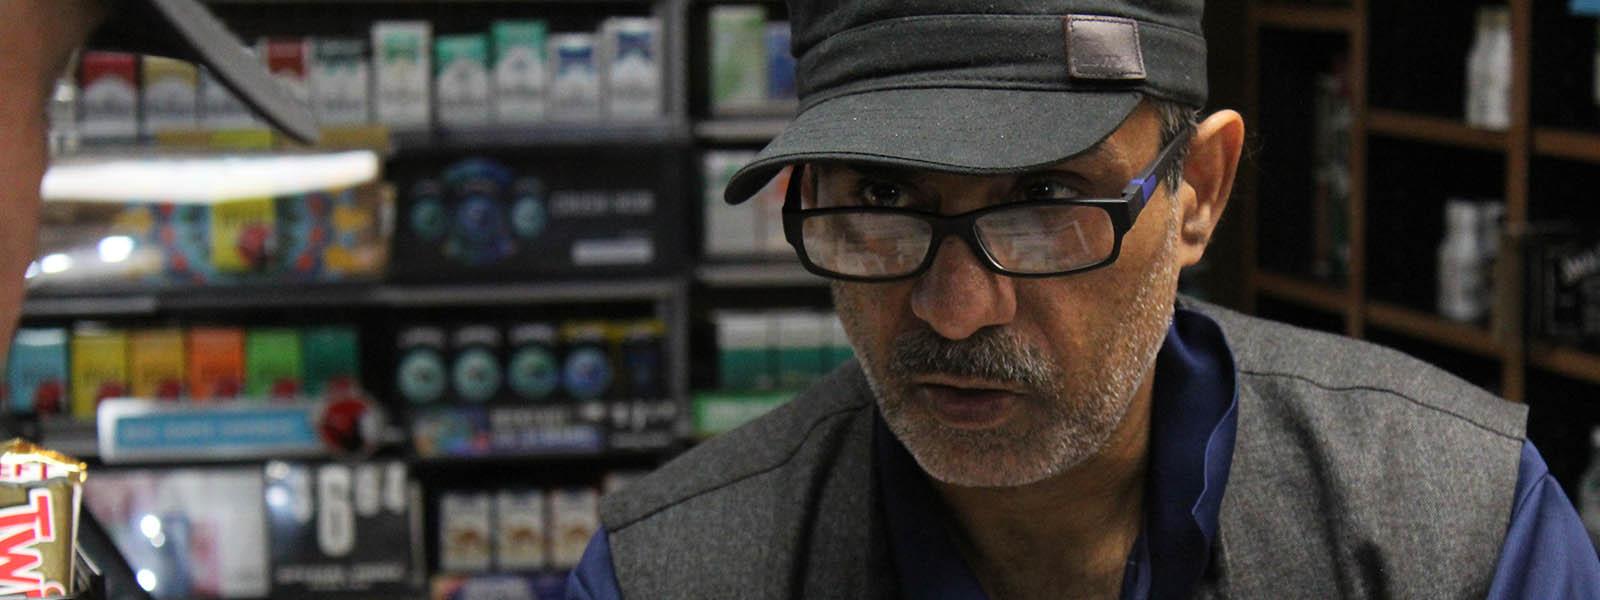 Raj at Geneva Liquor